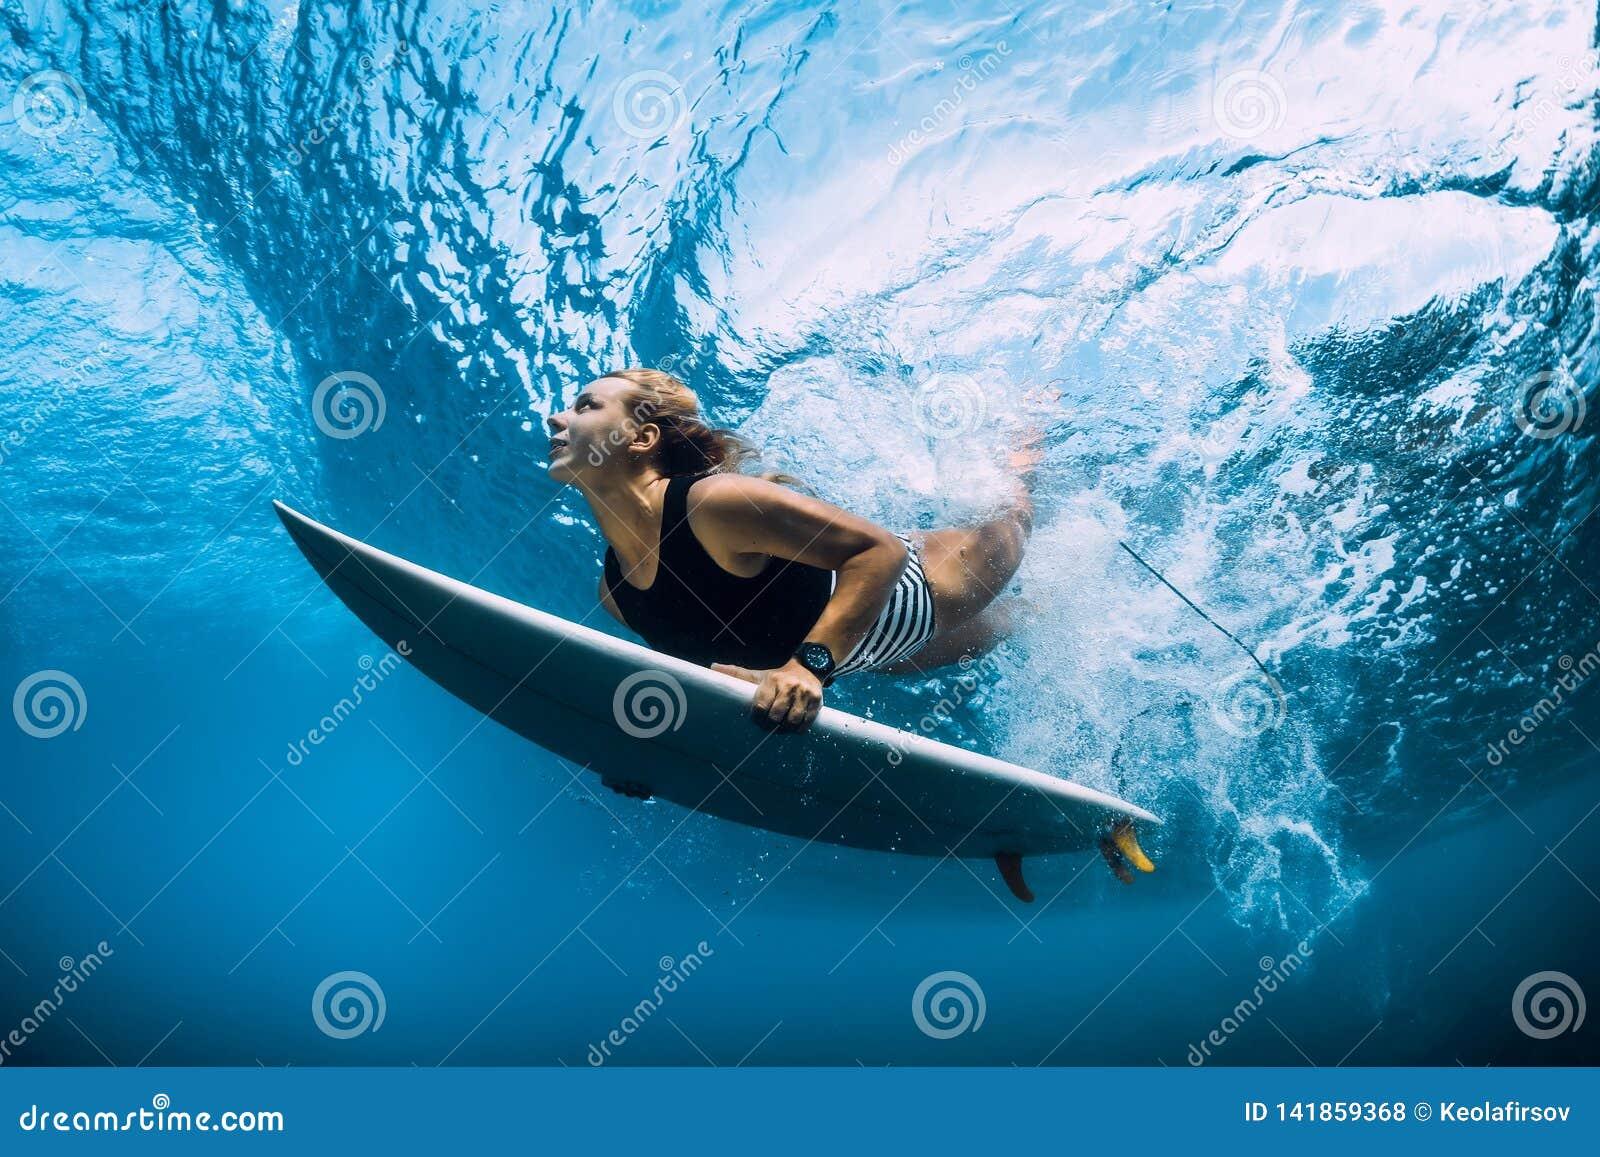 Surfer woman dive underwater. Surfgirl dive under wave